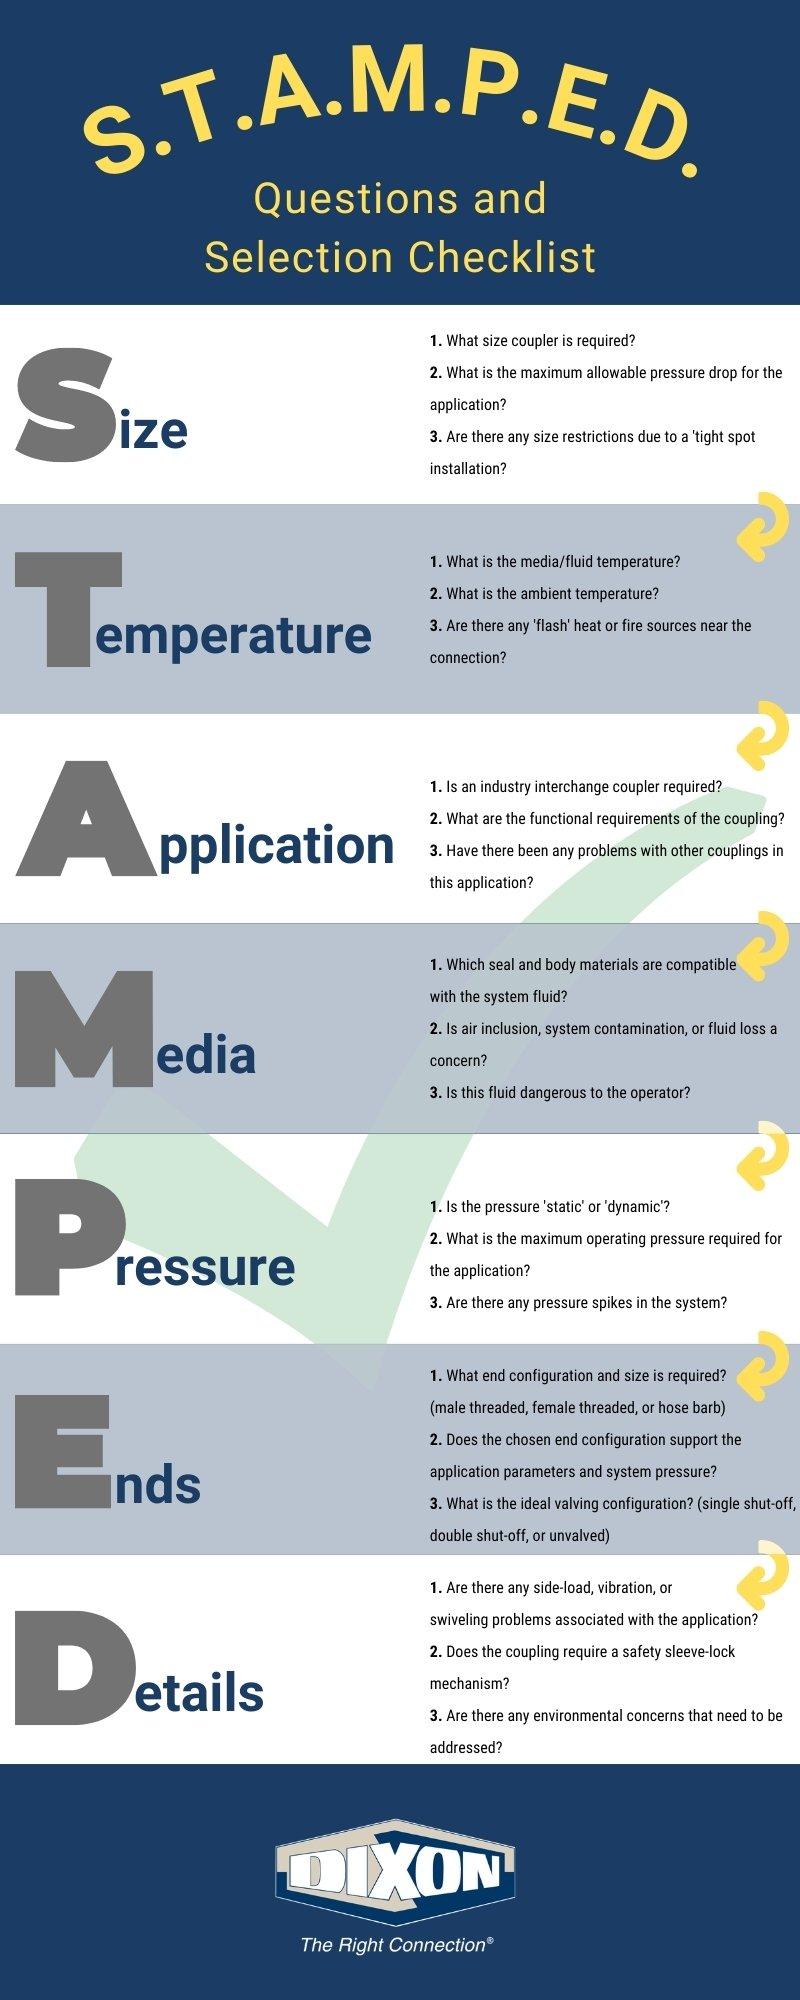 STAMPED Checklist